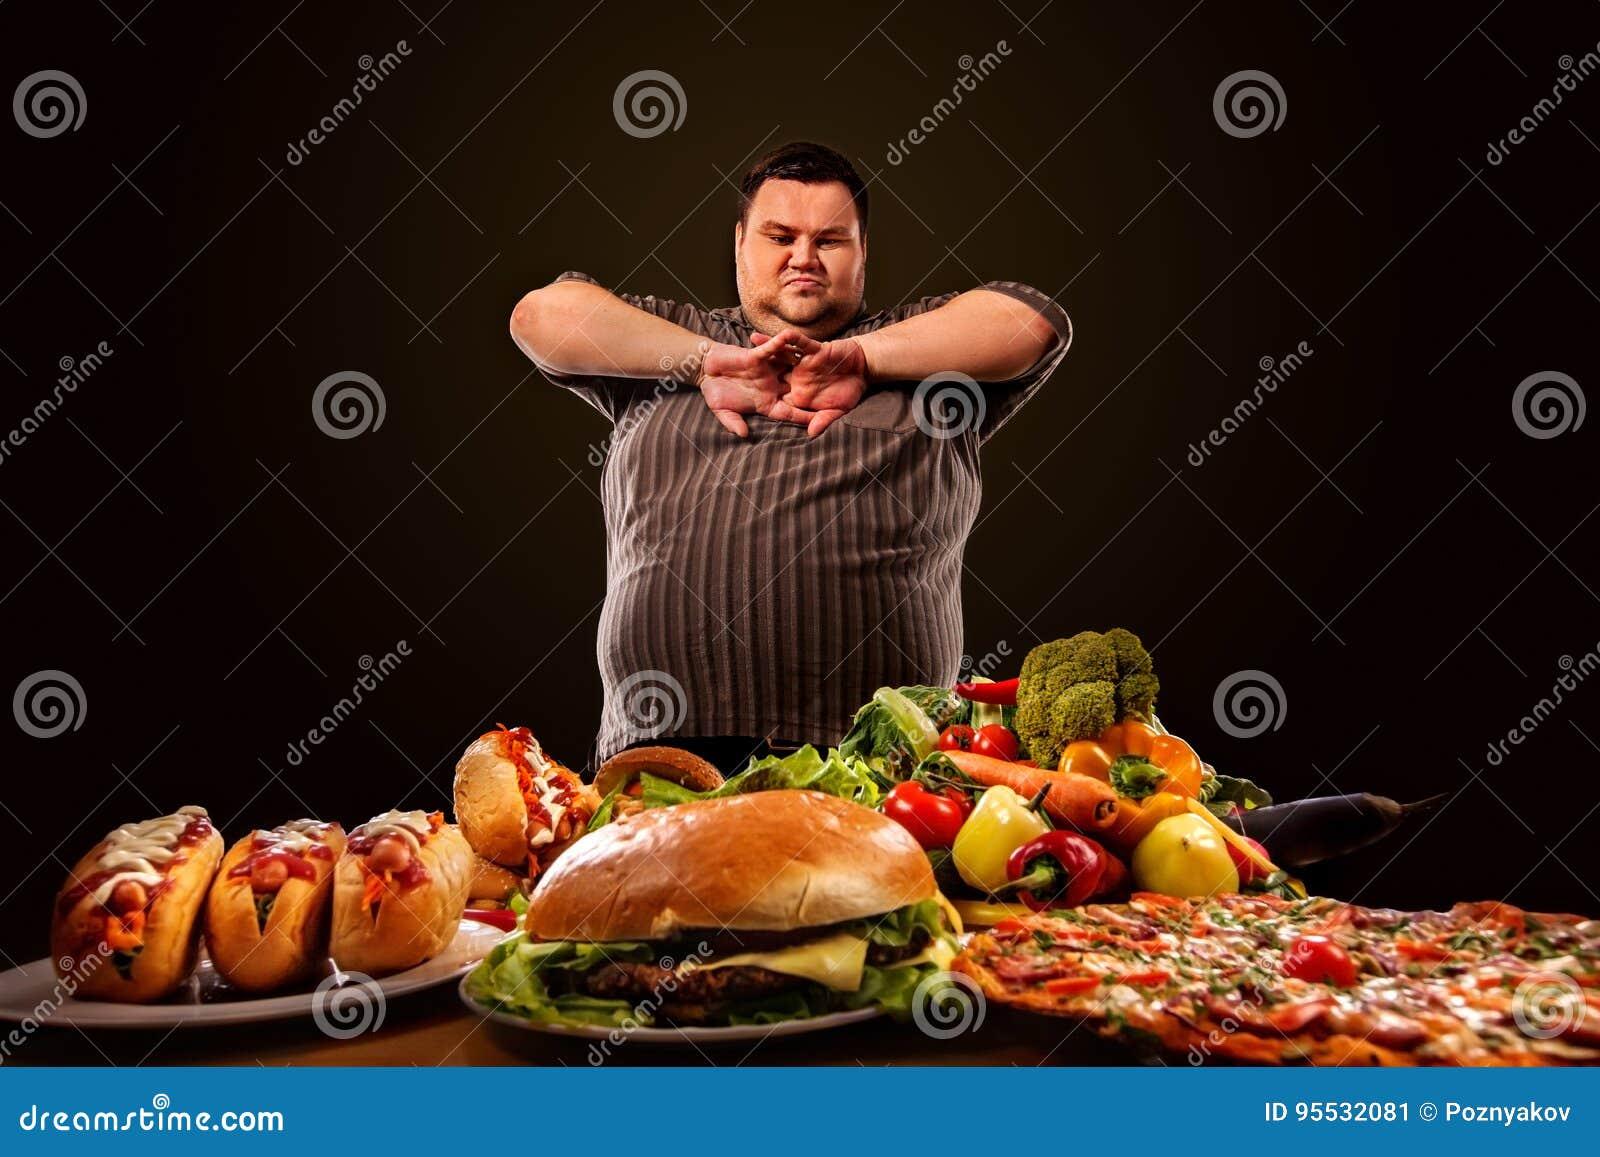 Diätdicker mann trifft Wahl zwischen gesundem und ungesundem Lebensmittel